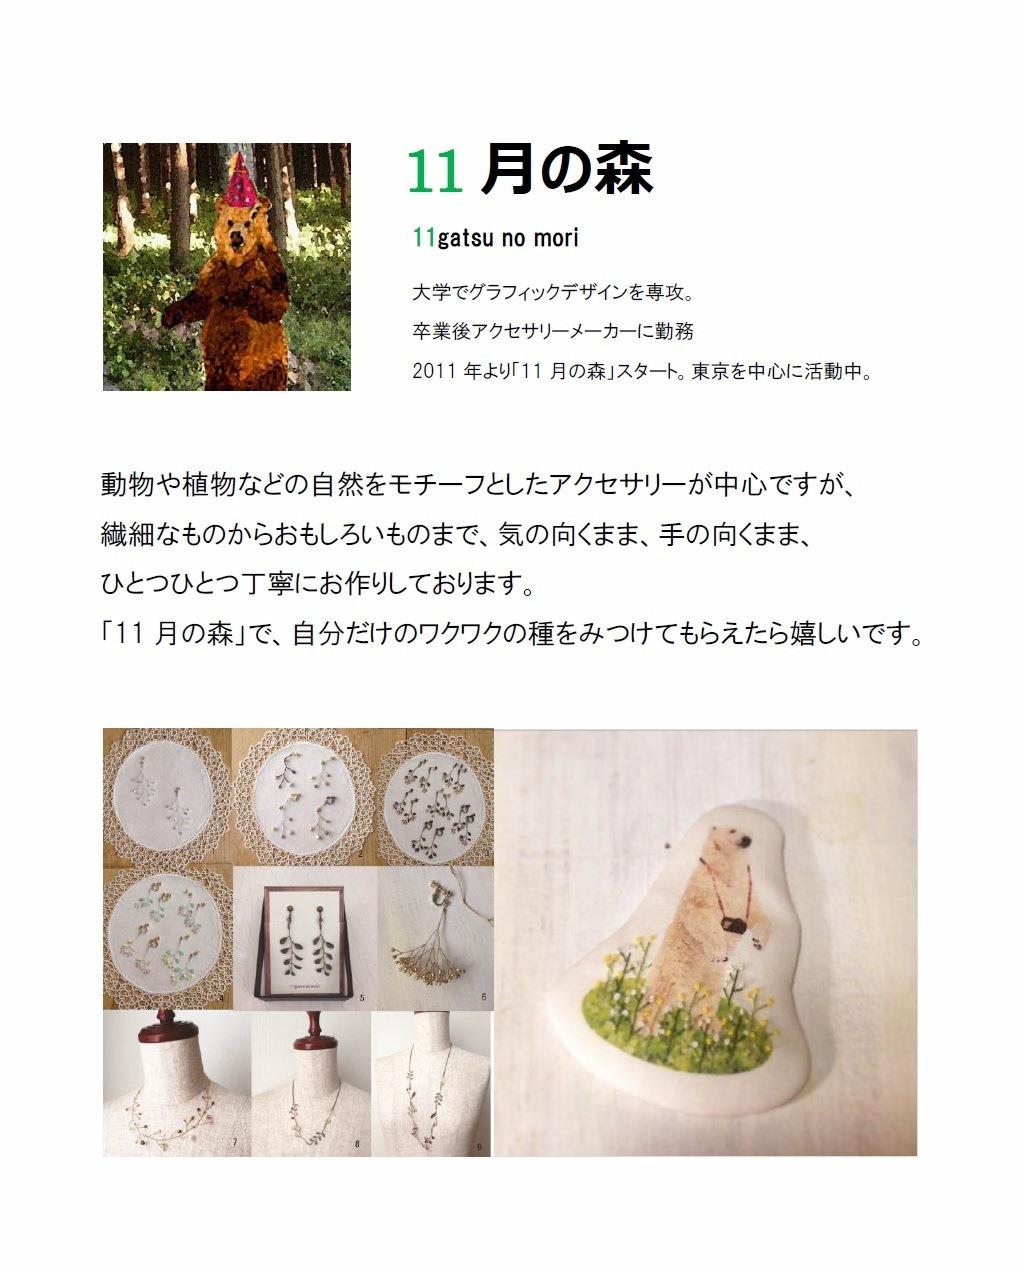 (カット版)11月の森プロフィール_1